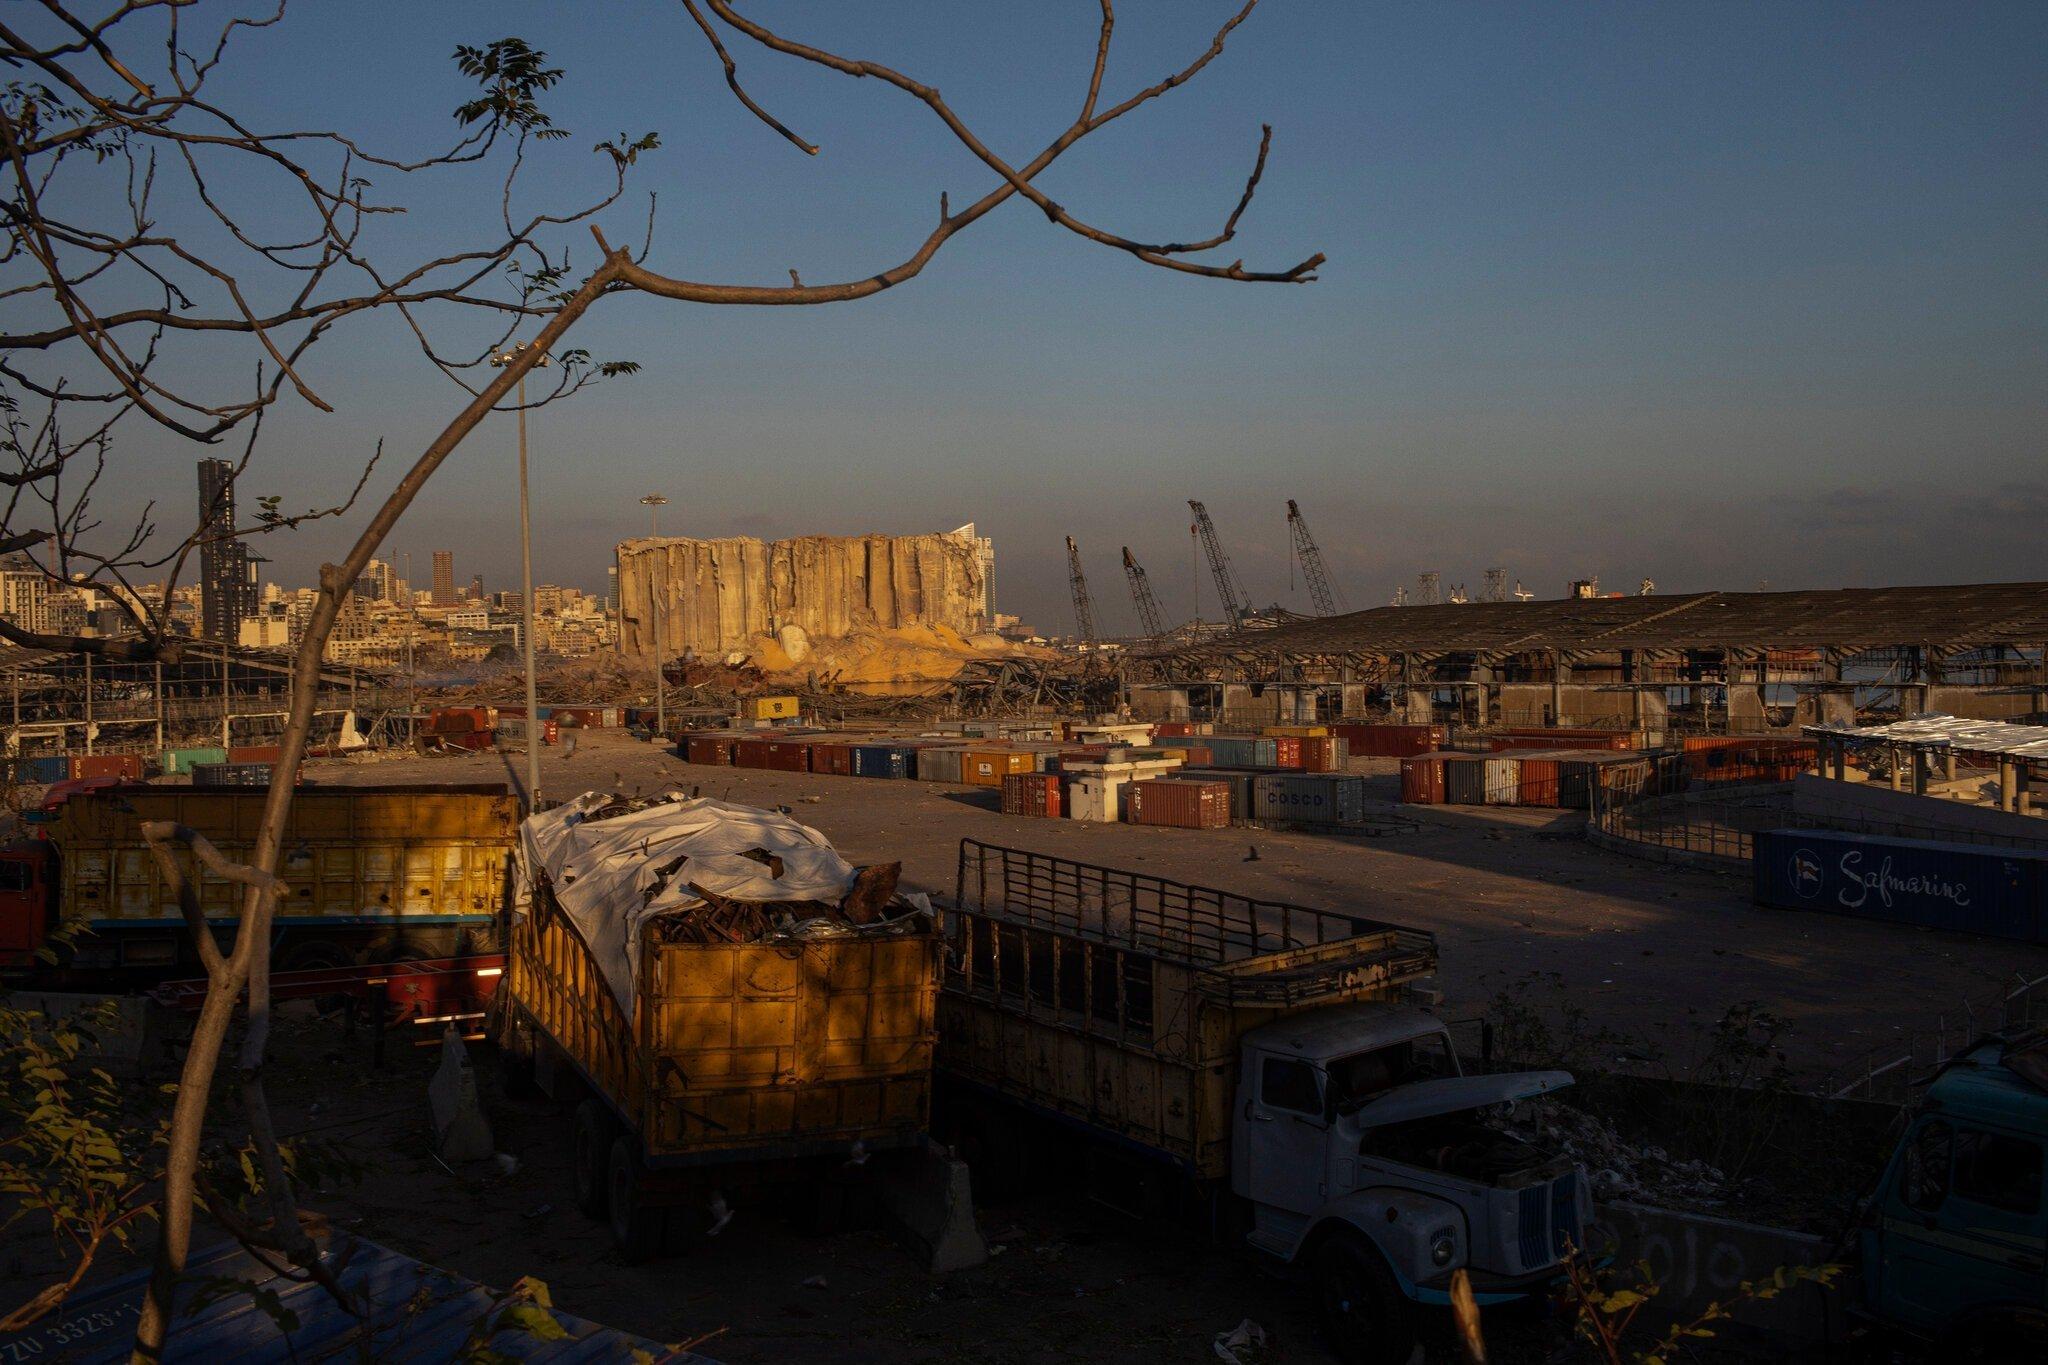 بعد نجاتي من انفجار مرفأ بيروت